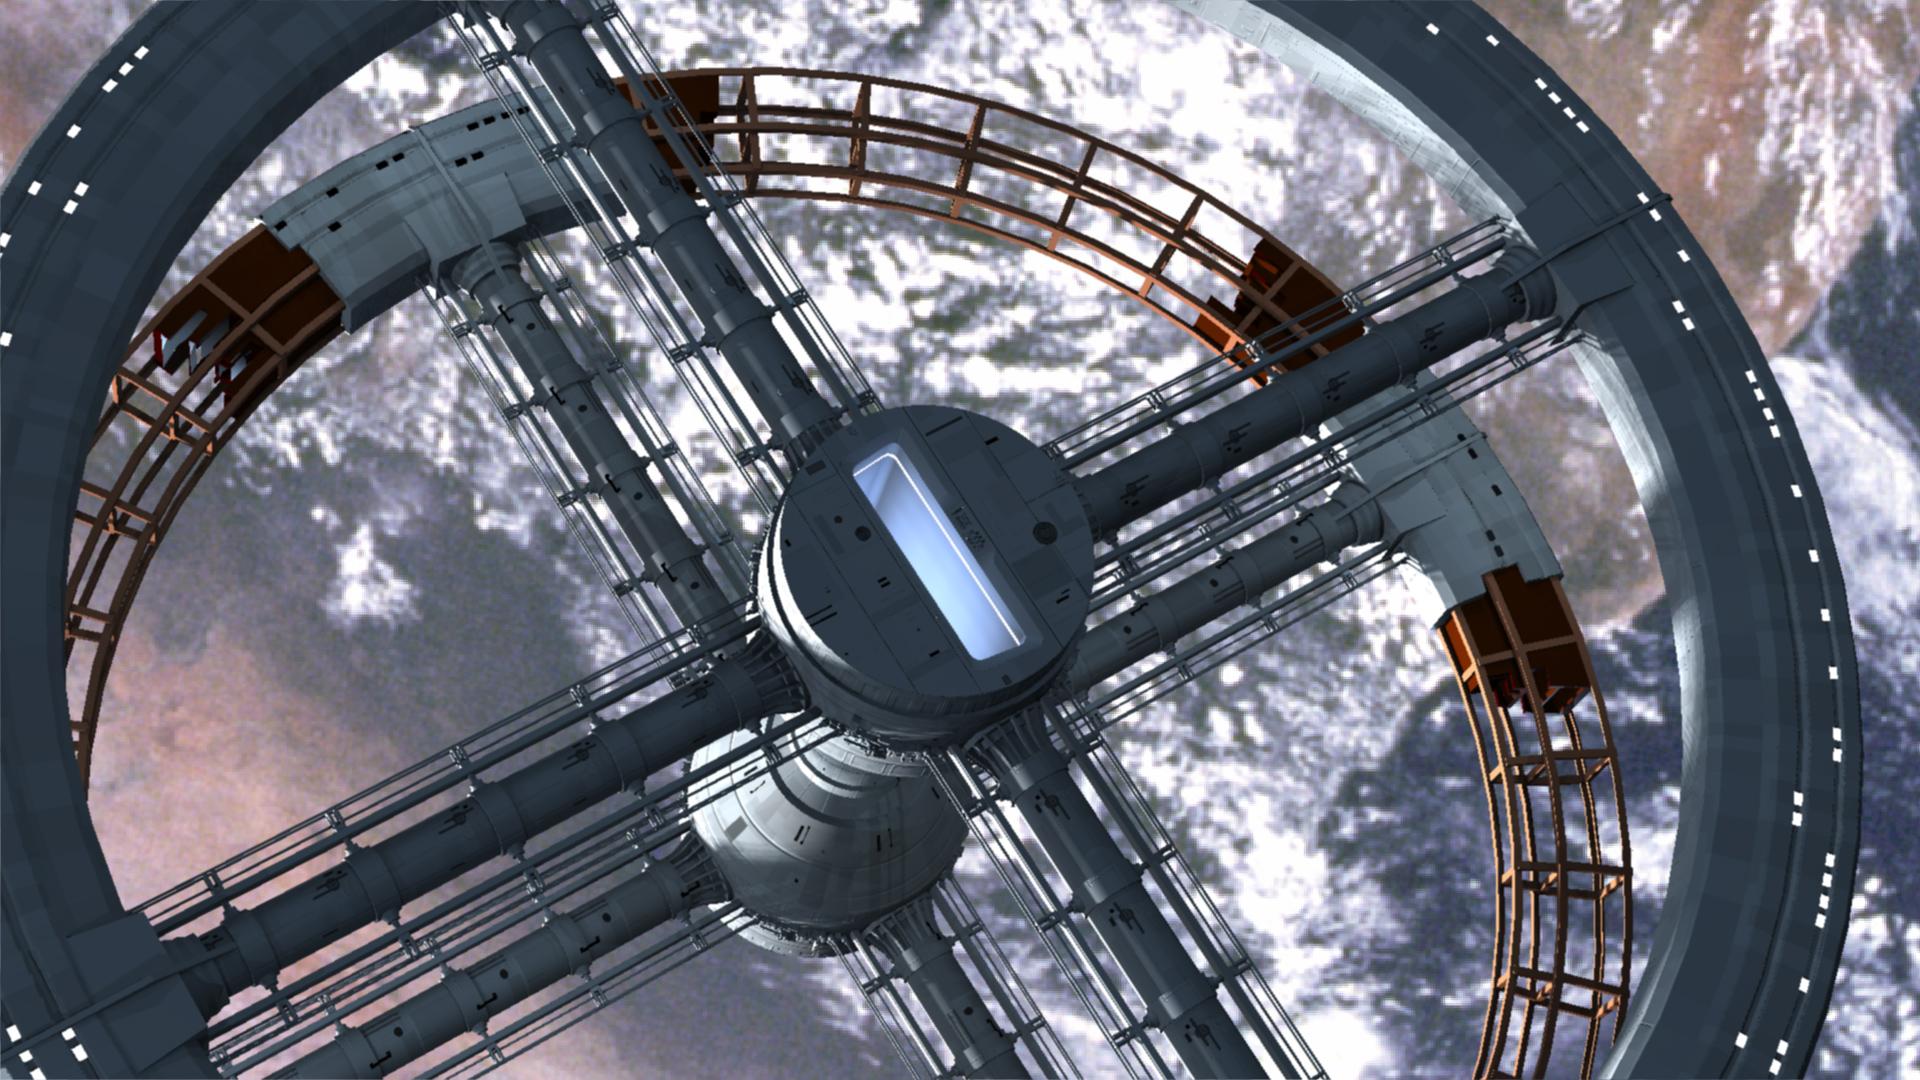 ■たっぷり宇宙ステーション5CG動画;2001年宇宙の旅: 万象酔歩 万象酔歩 あれやこれやと